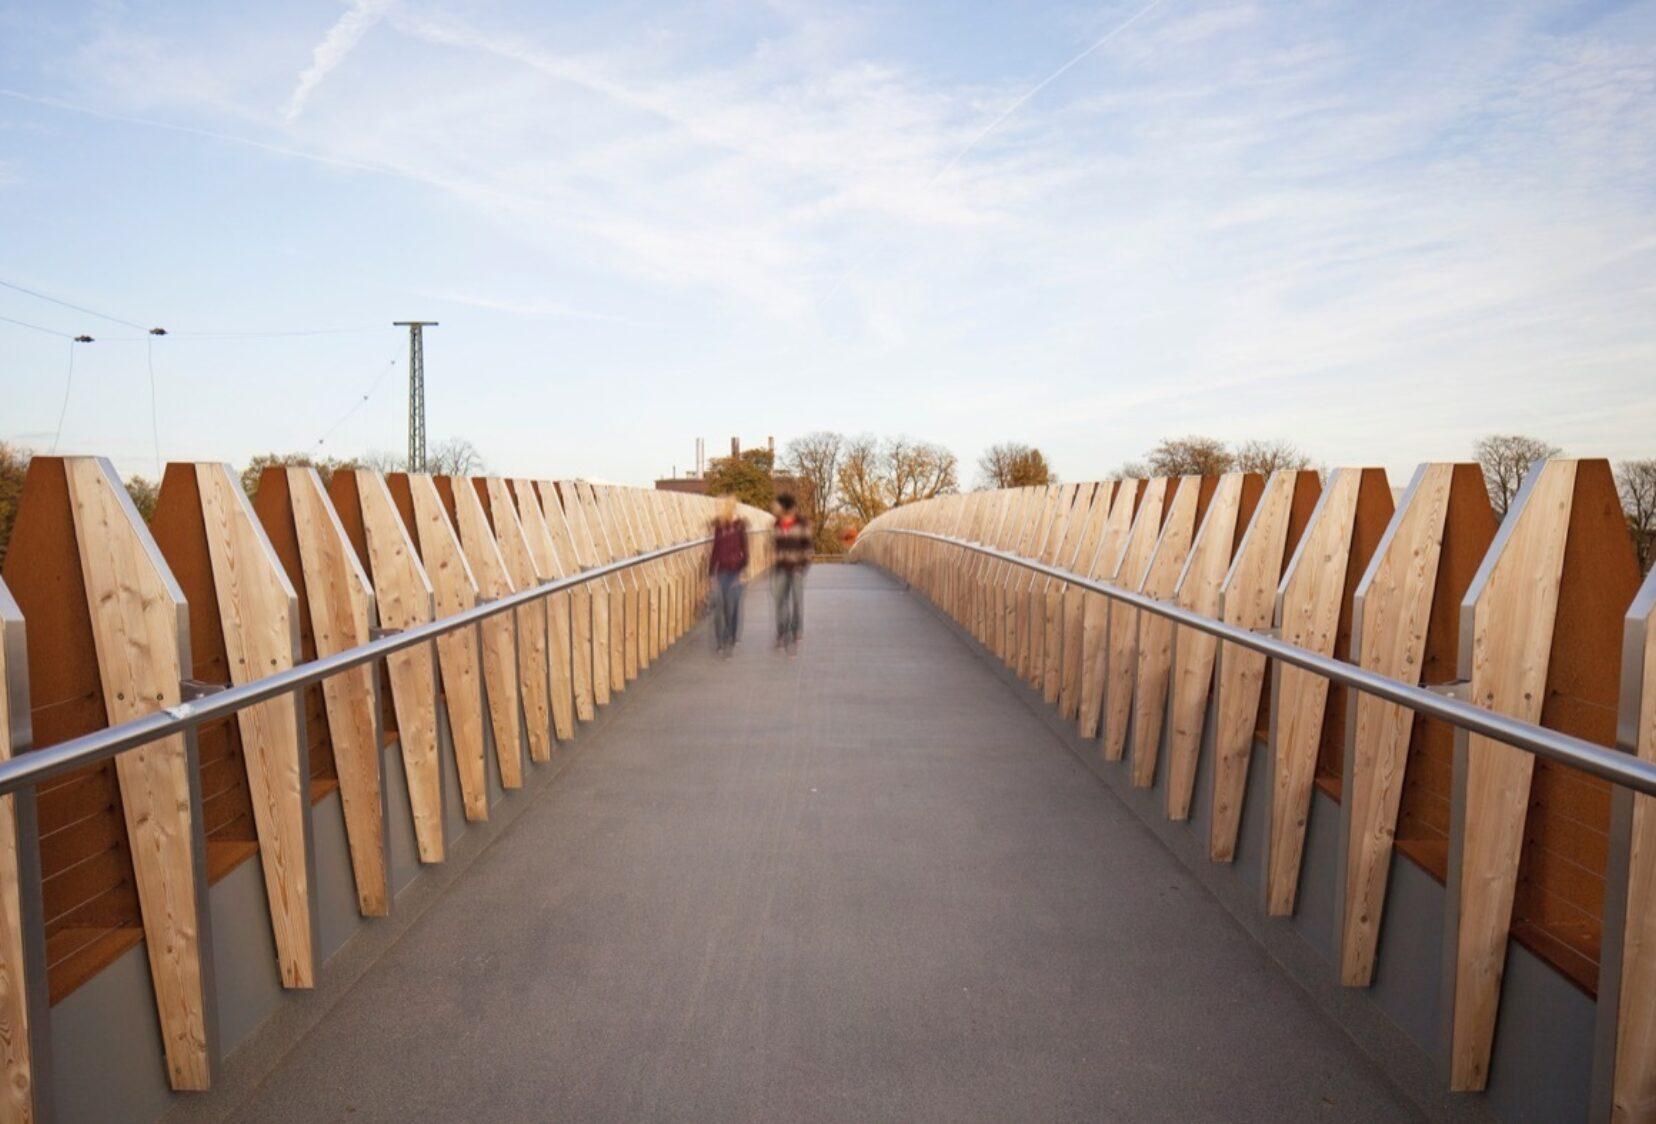 Deck view on bridge with parapet details each side